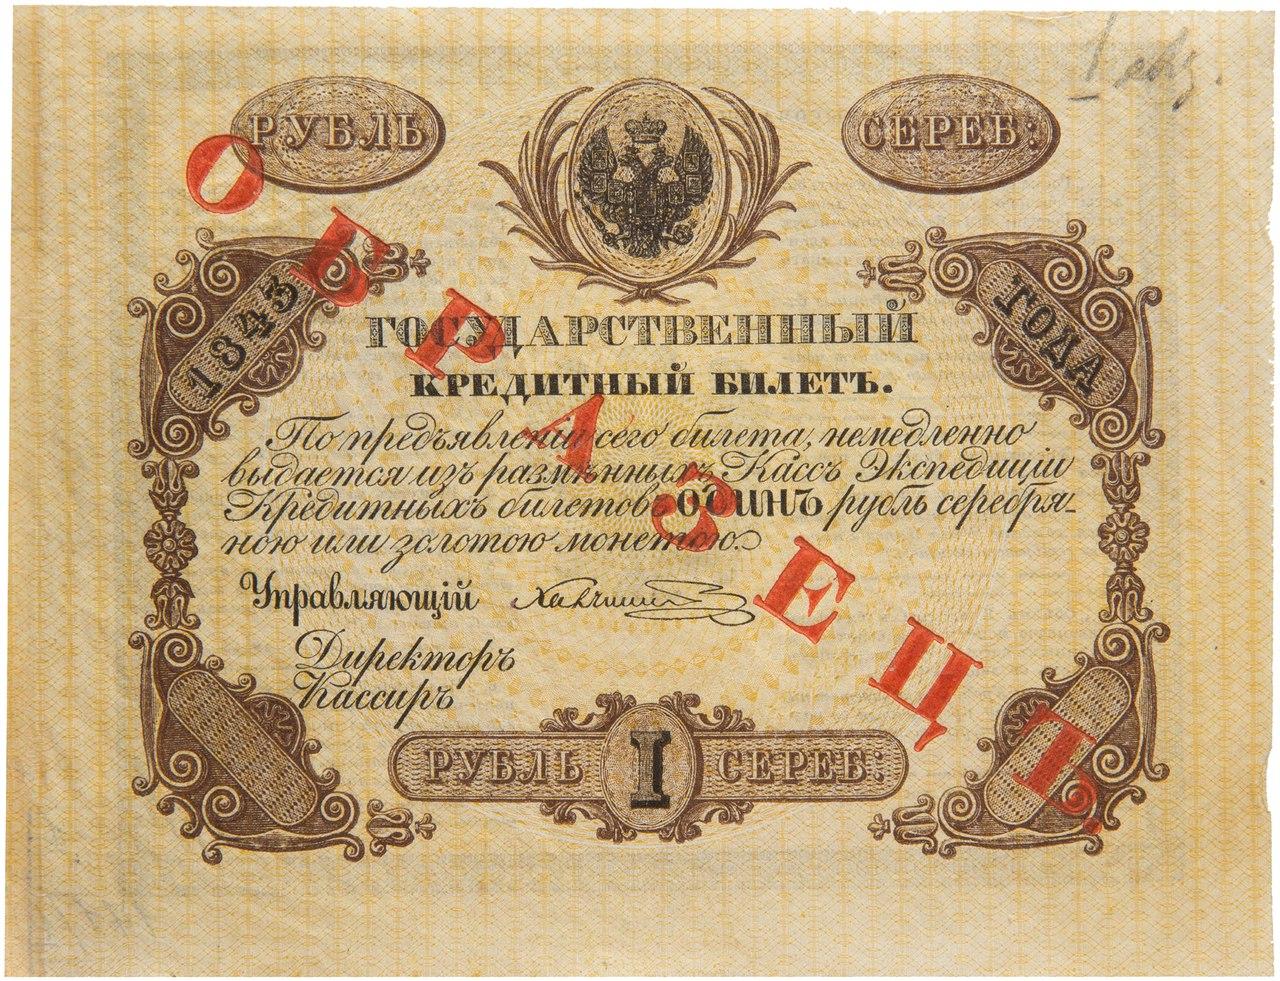 Рубли 1843 года: деньги с применением гальванопластики